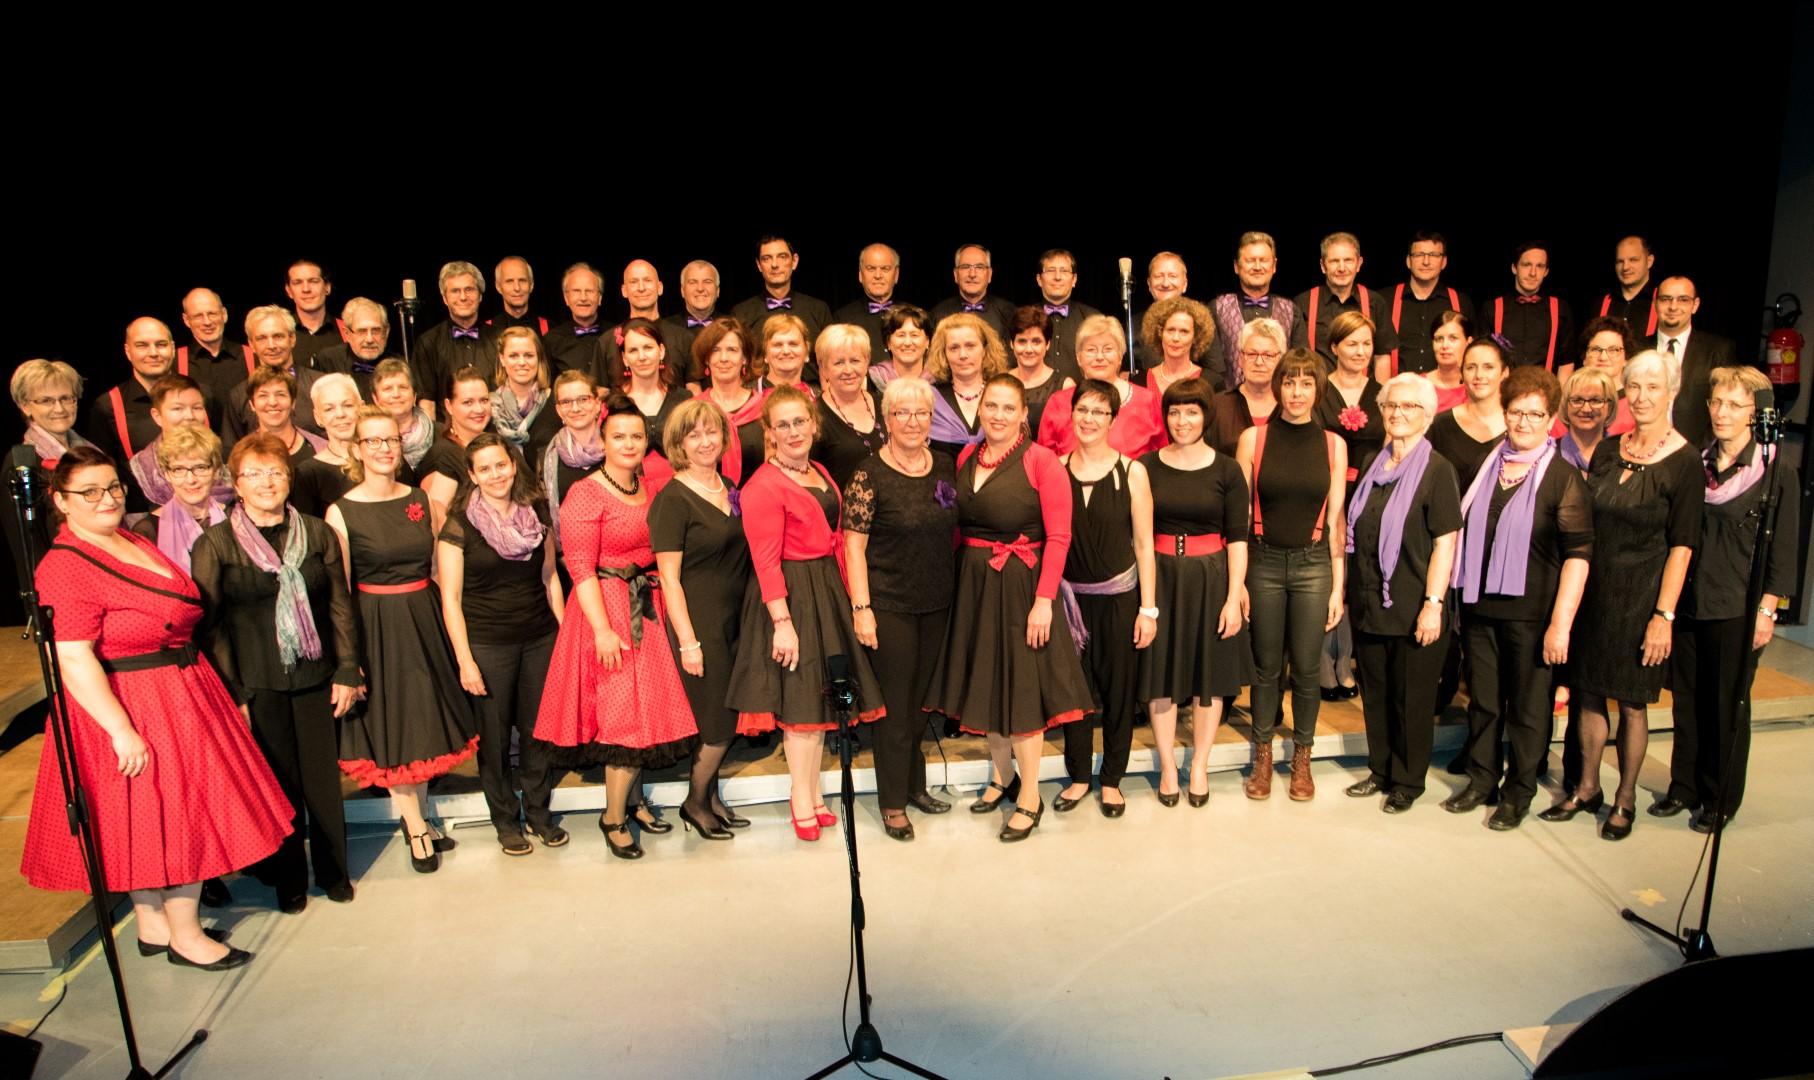 Konzert Juni 2016 mit Männer-und Frauenchor Frastanz, Adalbert-Welte-Saal, Frastanz